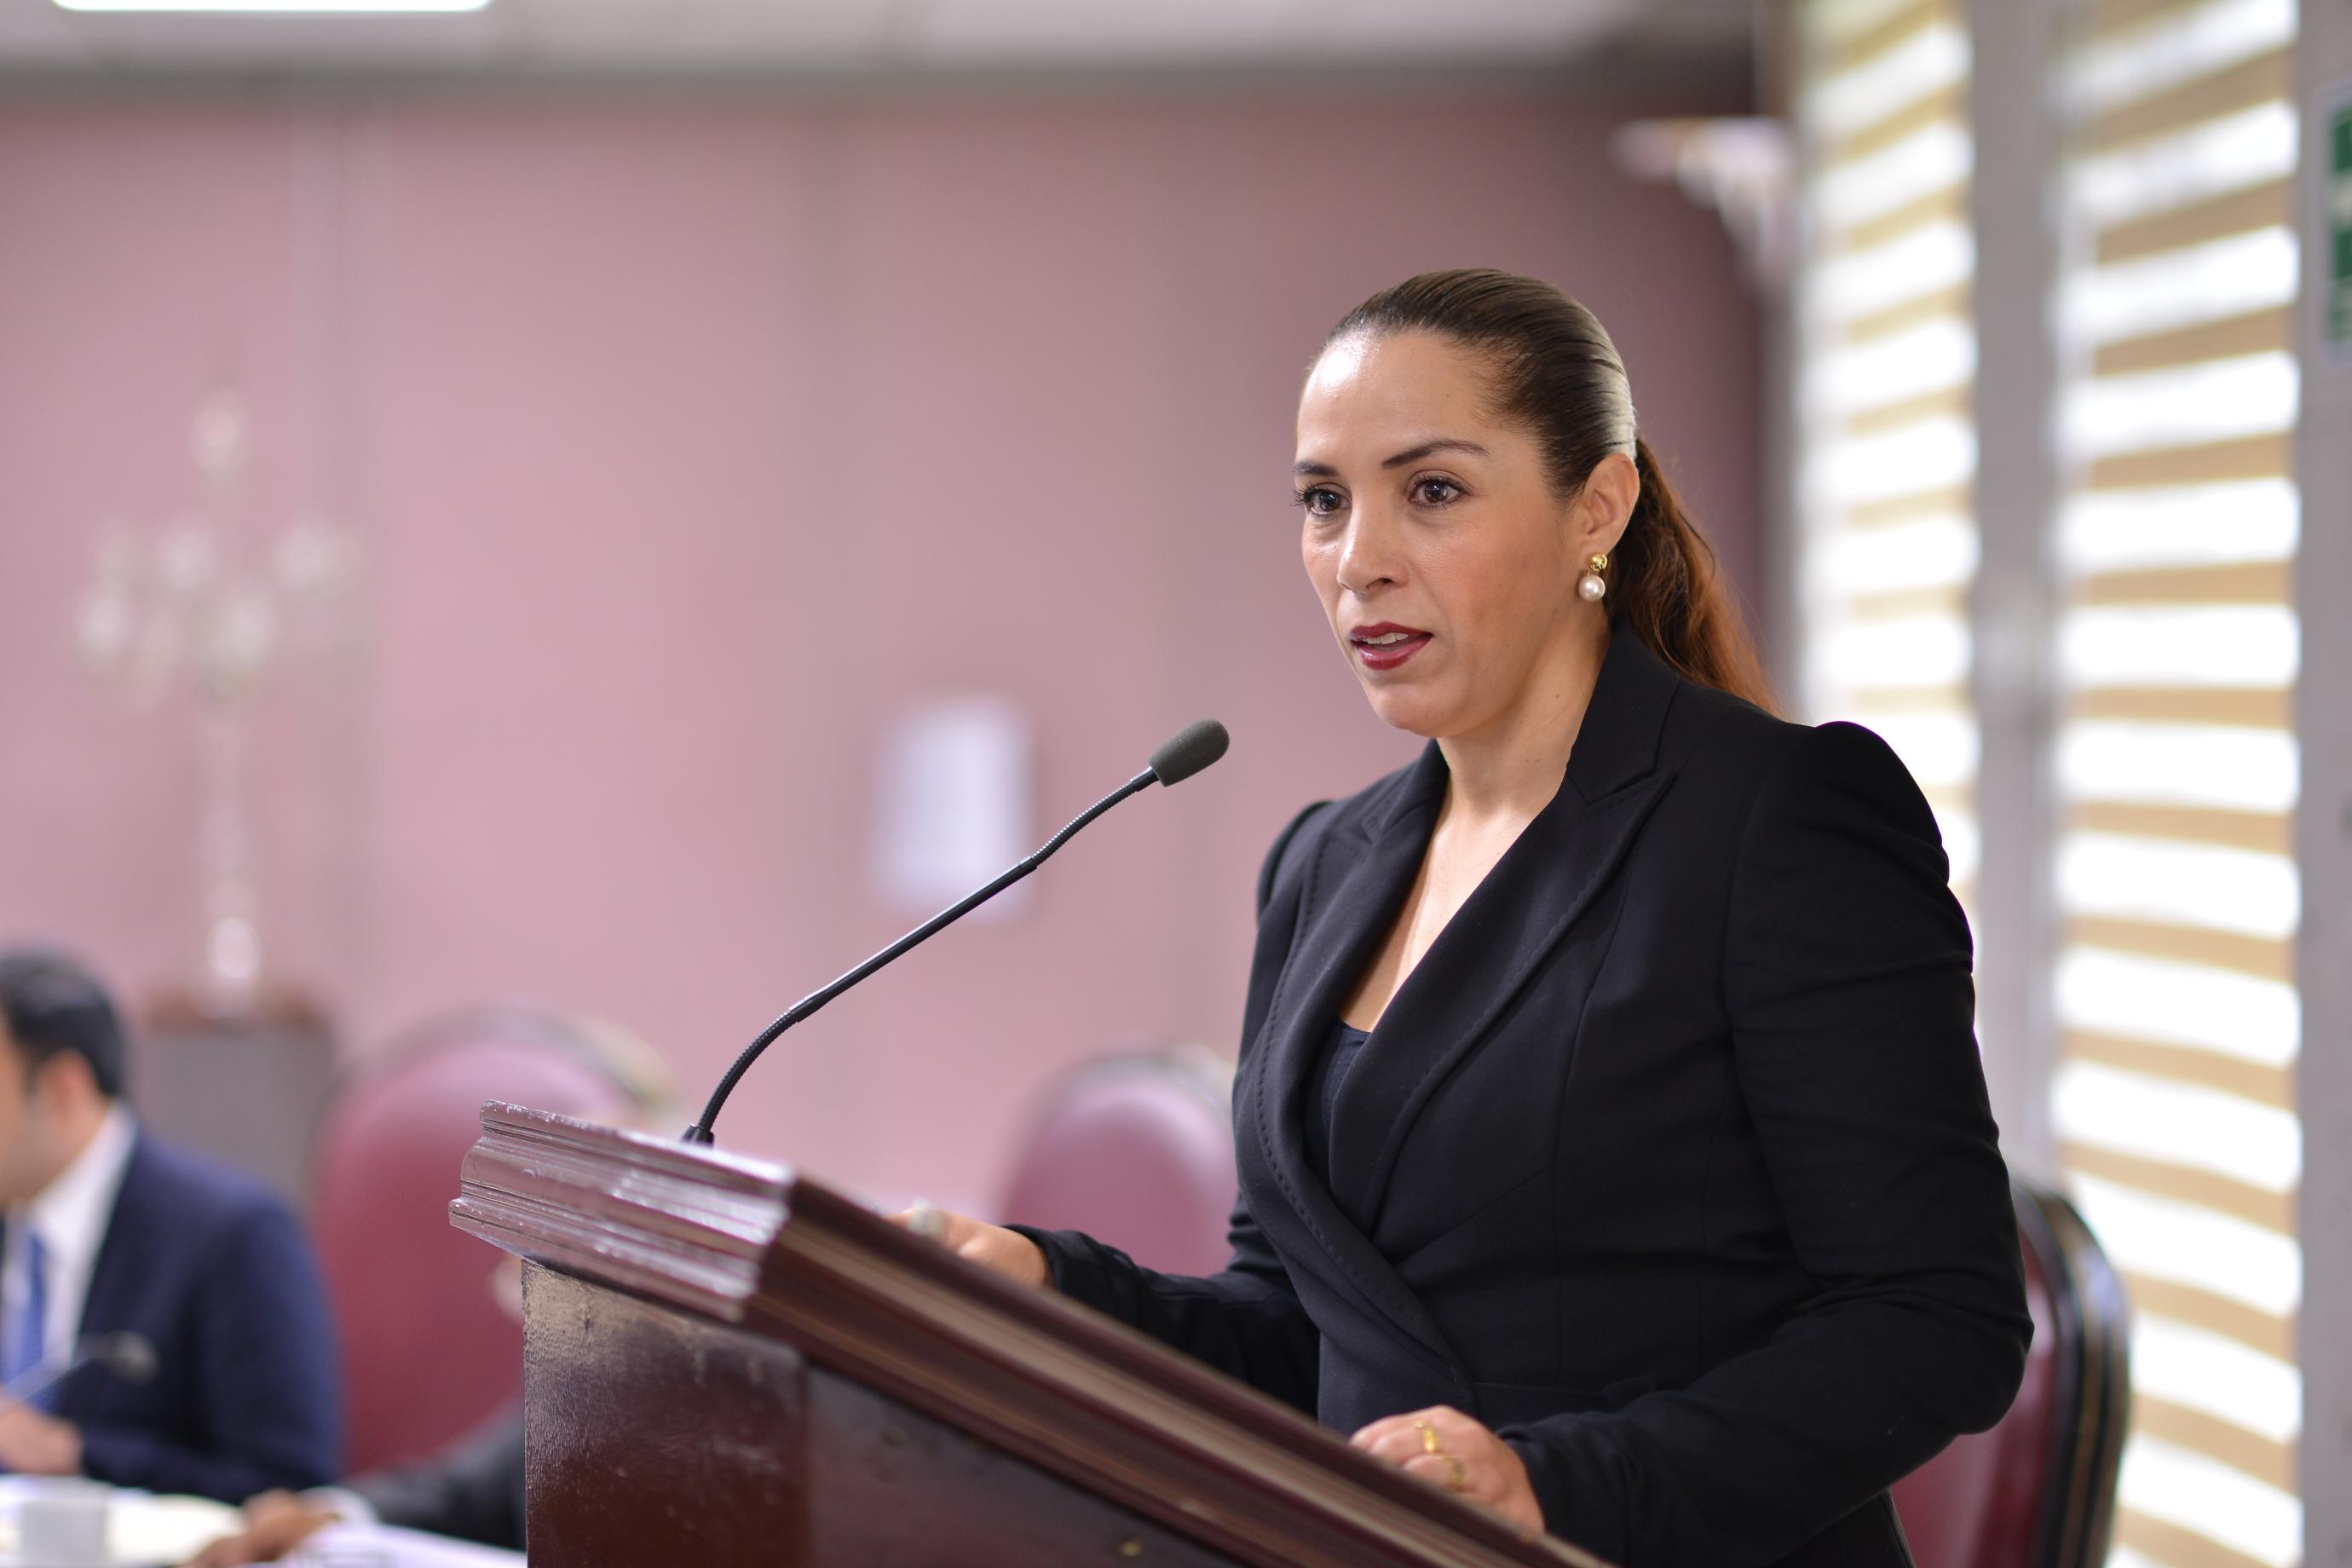 Presenta Cinthya Lobato propuesta de Ley para la Atención del Autismo en Veracruz